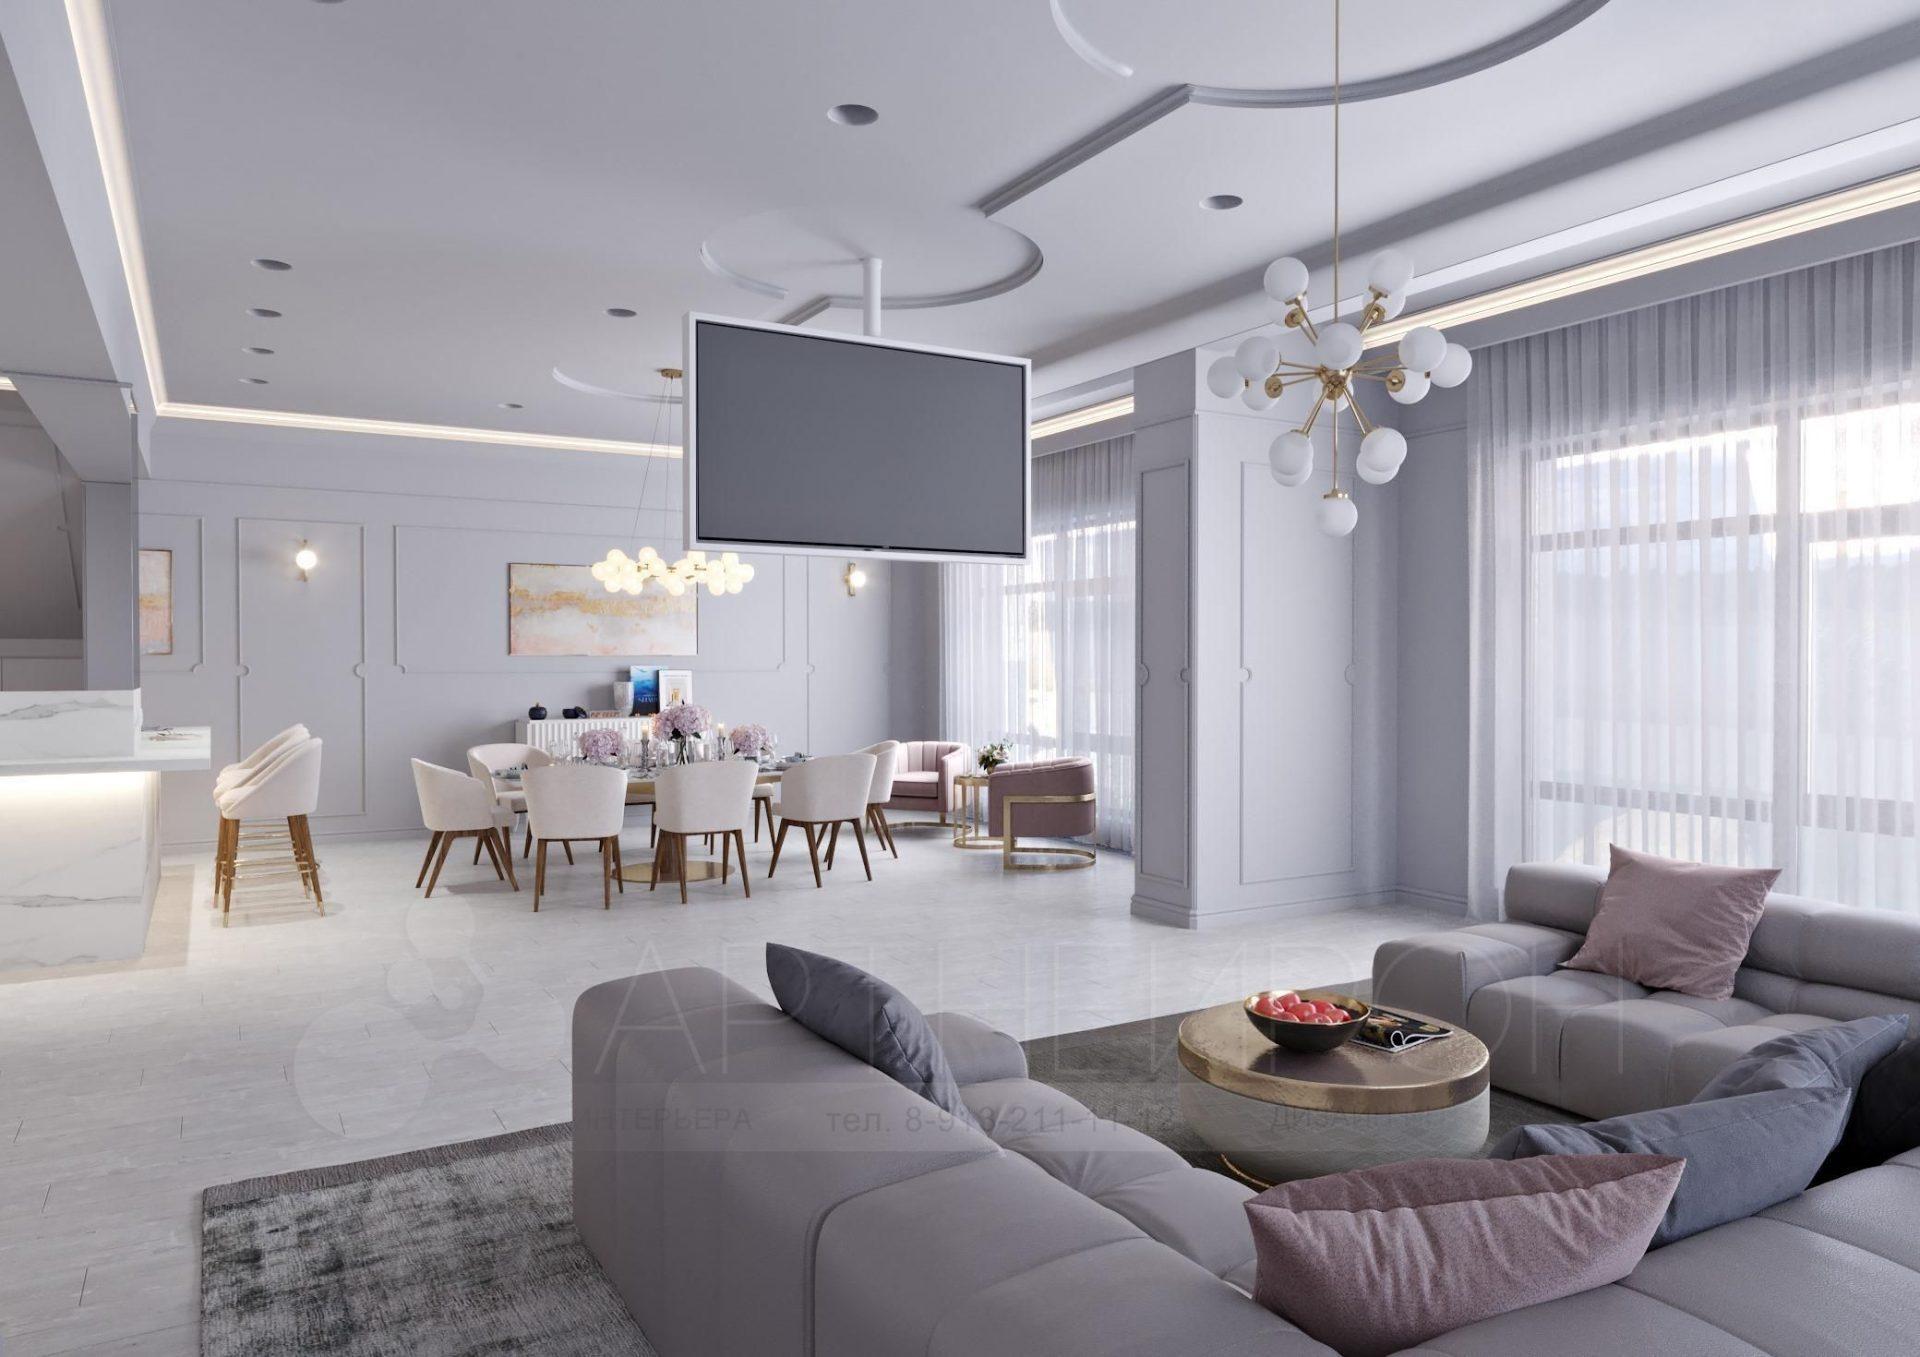 Дизайн интерьера дома для семьи в Барнауле